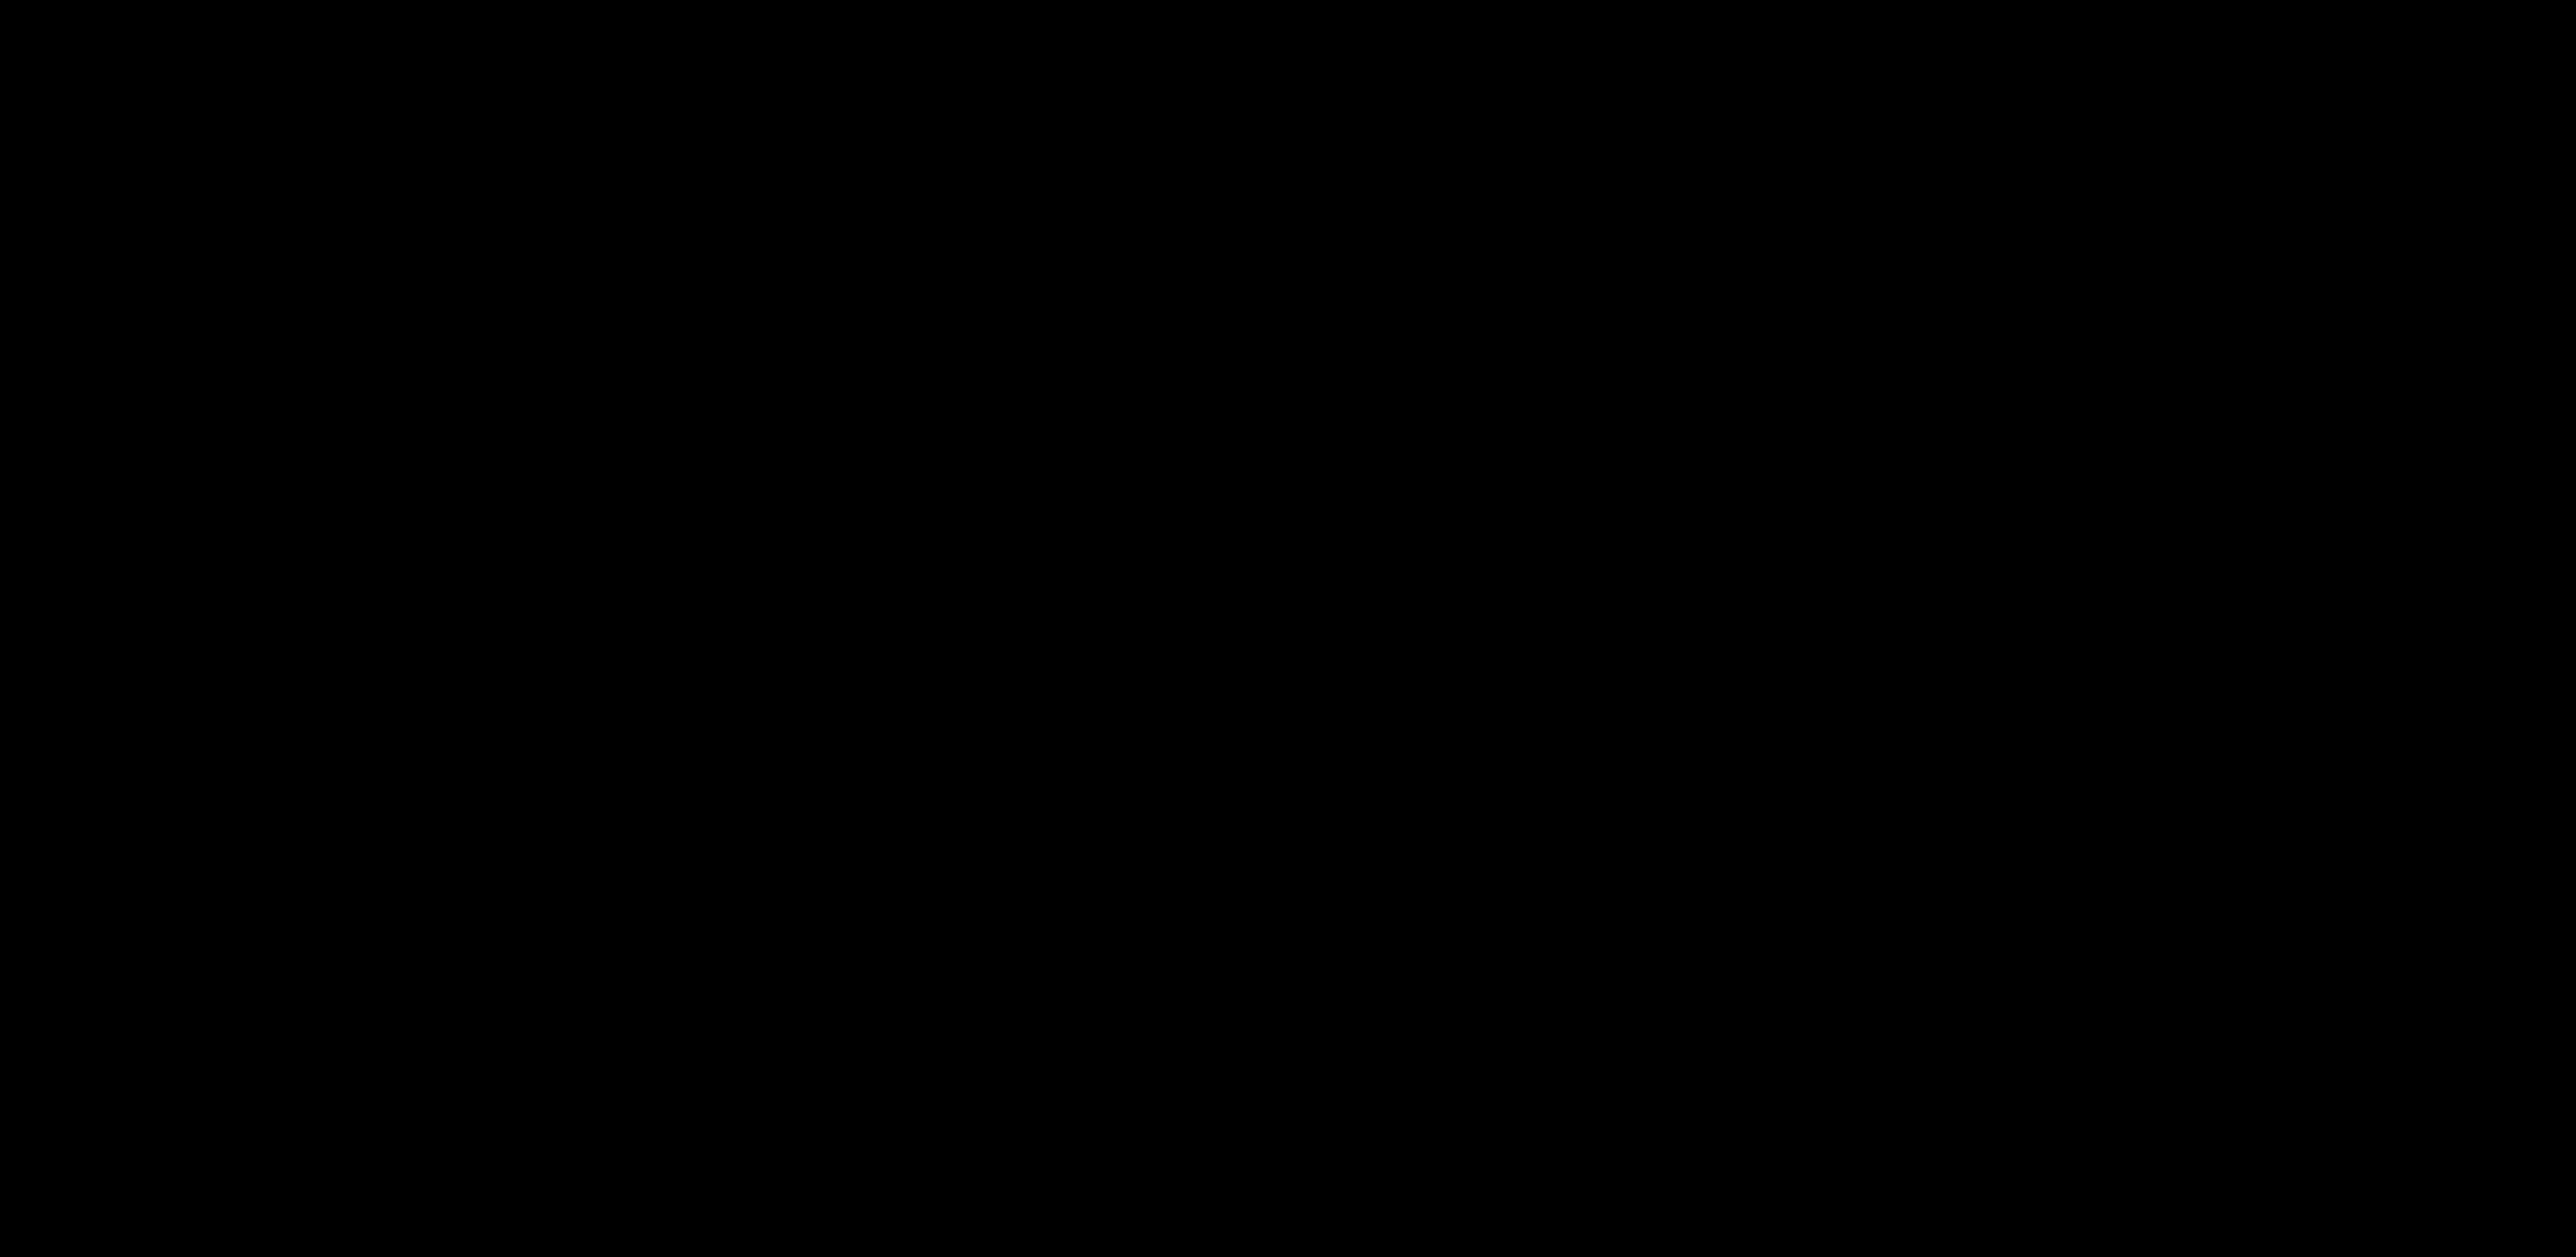 SÉRGIO MORO 04